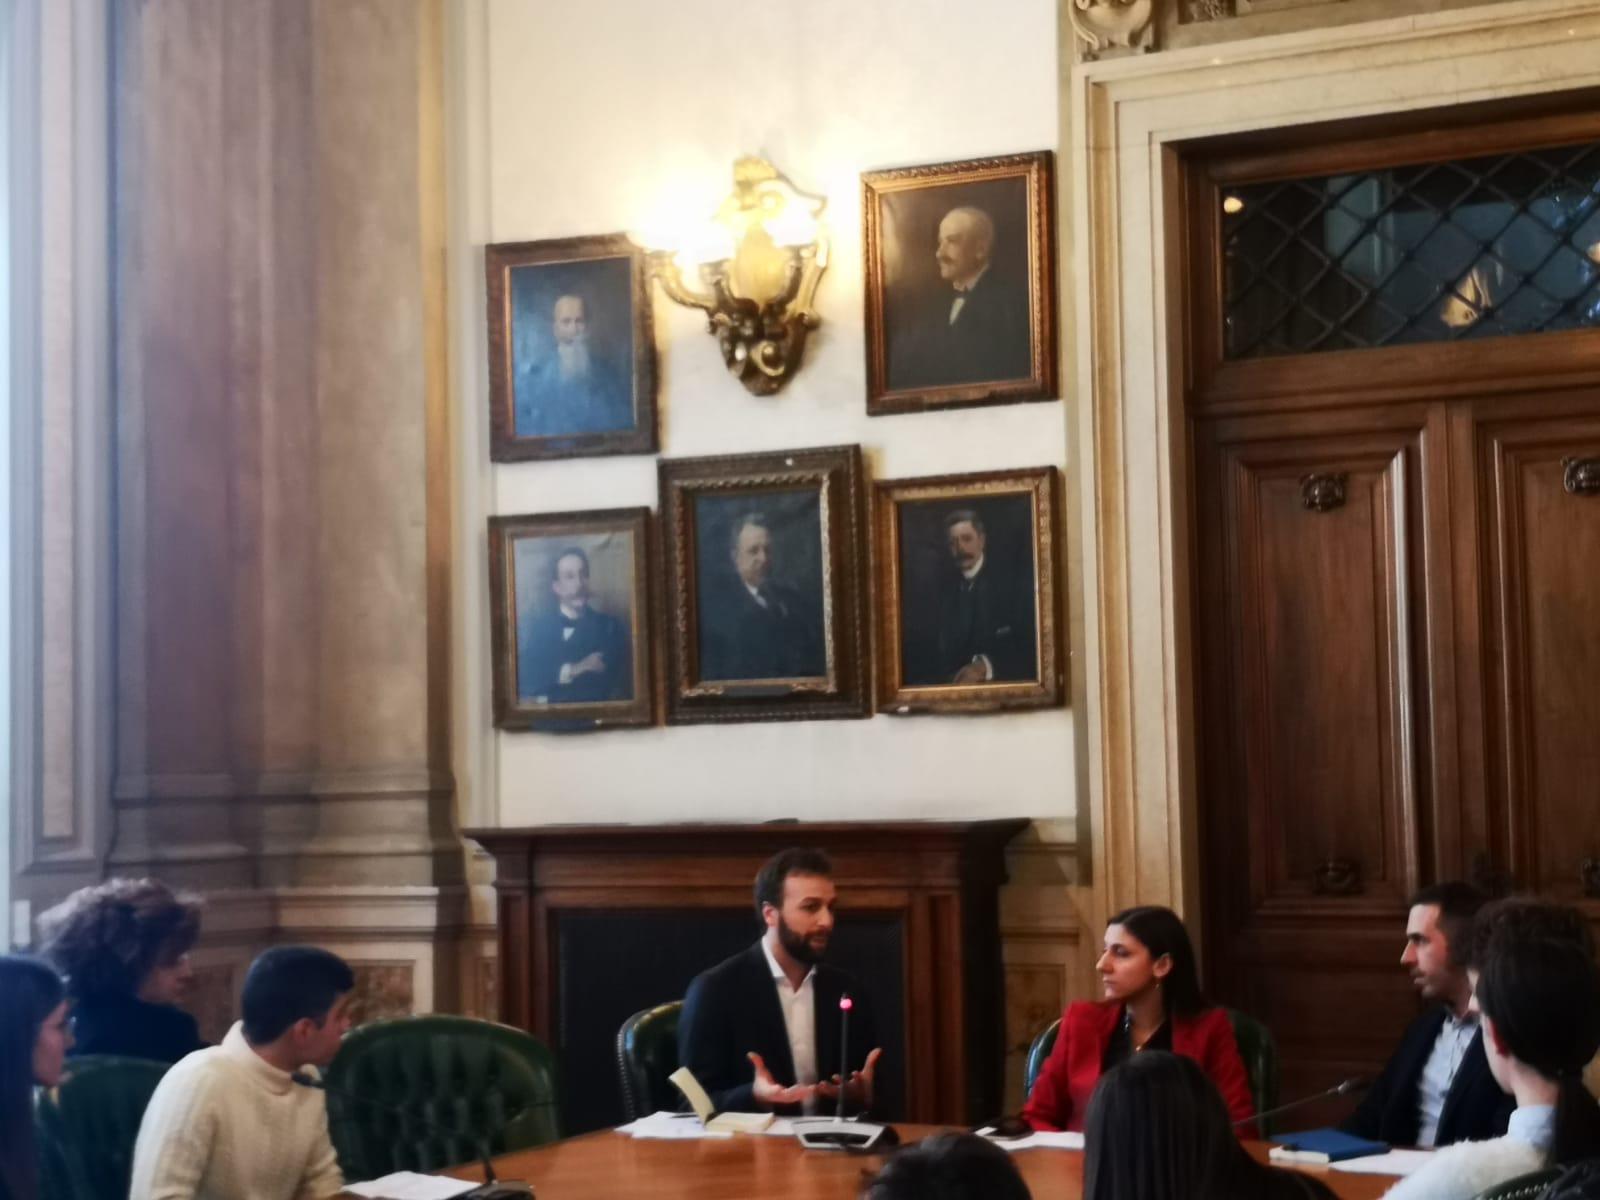 STUDENTI DAL VICE MINISTRO ANNA ASCANI PER RACCONTARE L'ESPERIENZA DELLA SCUOLA CHANGEMAKER